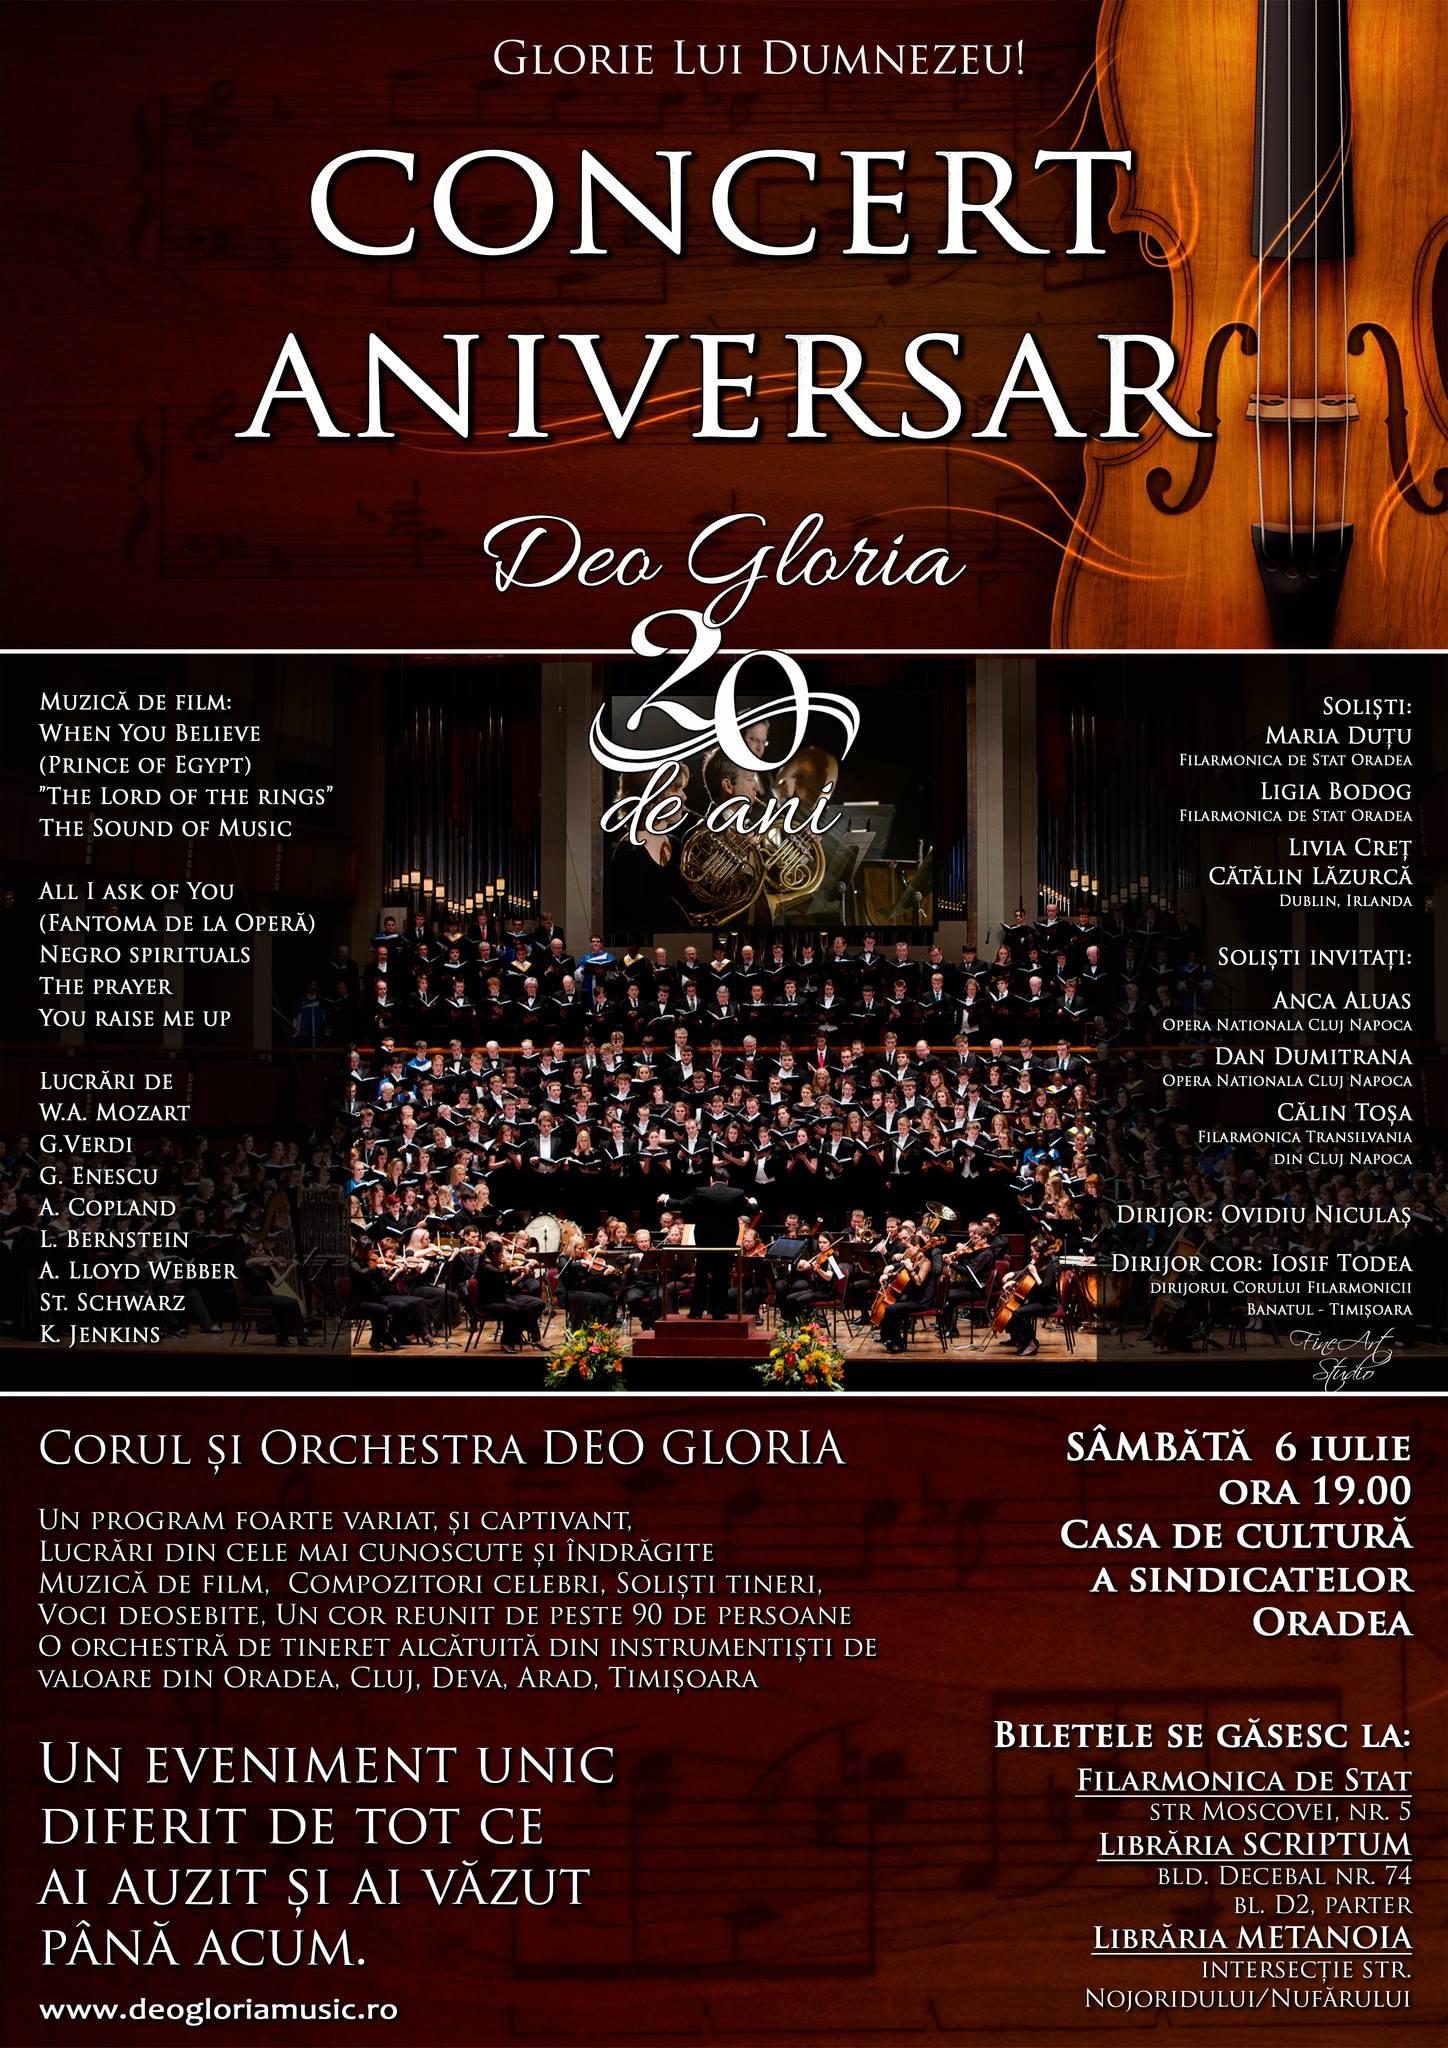 Concert aniversar Deo Gloria 20 de ani, Oradea şi Timişoara, iulie 2013 #1